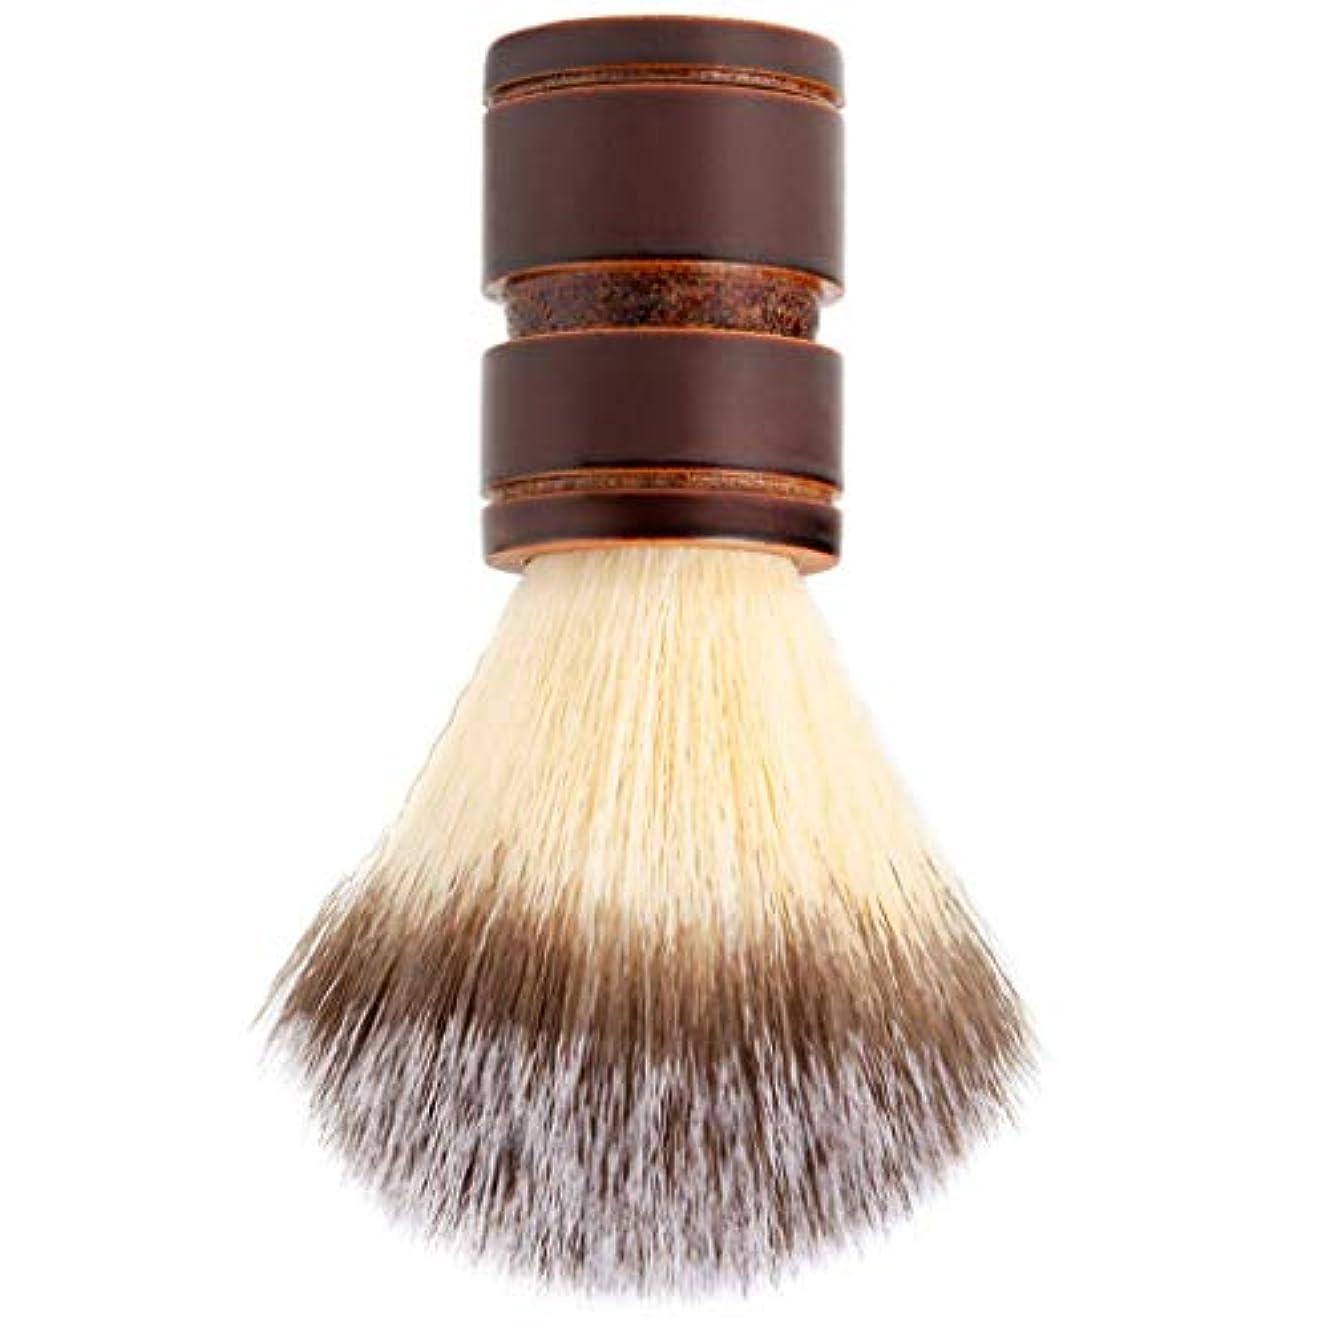 補う掘る反射ひげブラシ メンズ シェービングブラシ 毛髭ブラシ 髭剃り ポータブル ひげ剃り 美容ツール